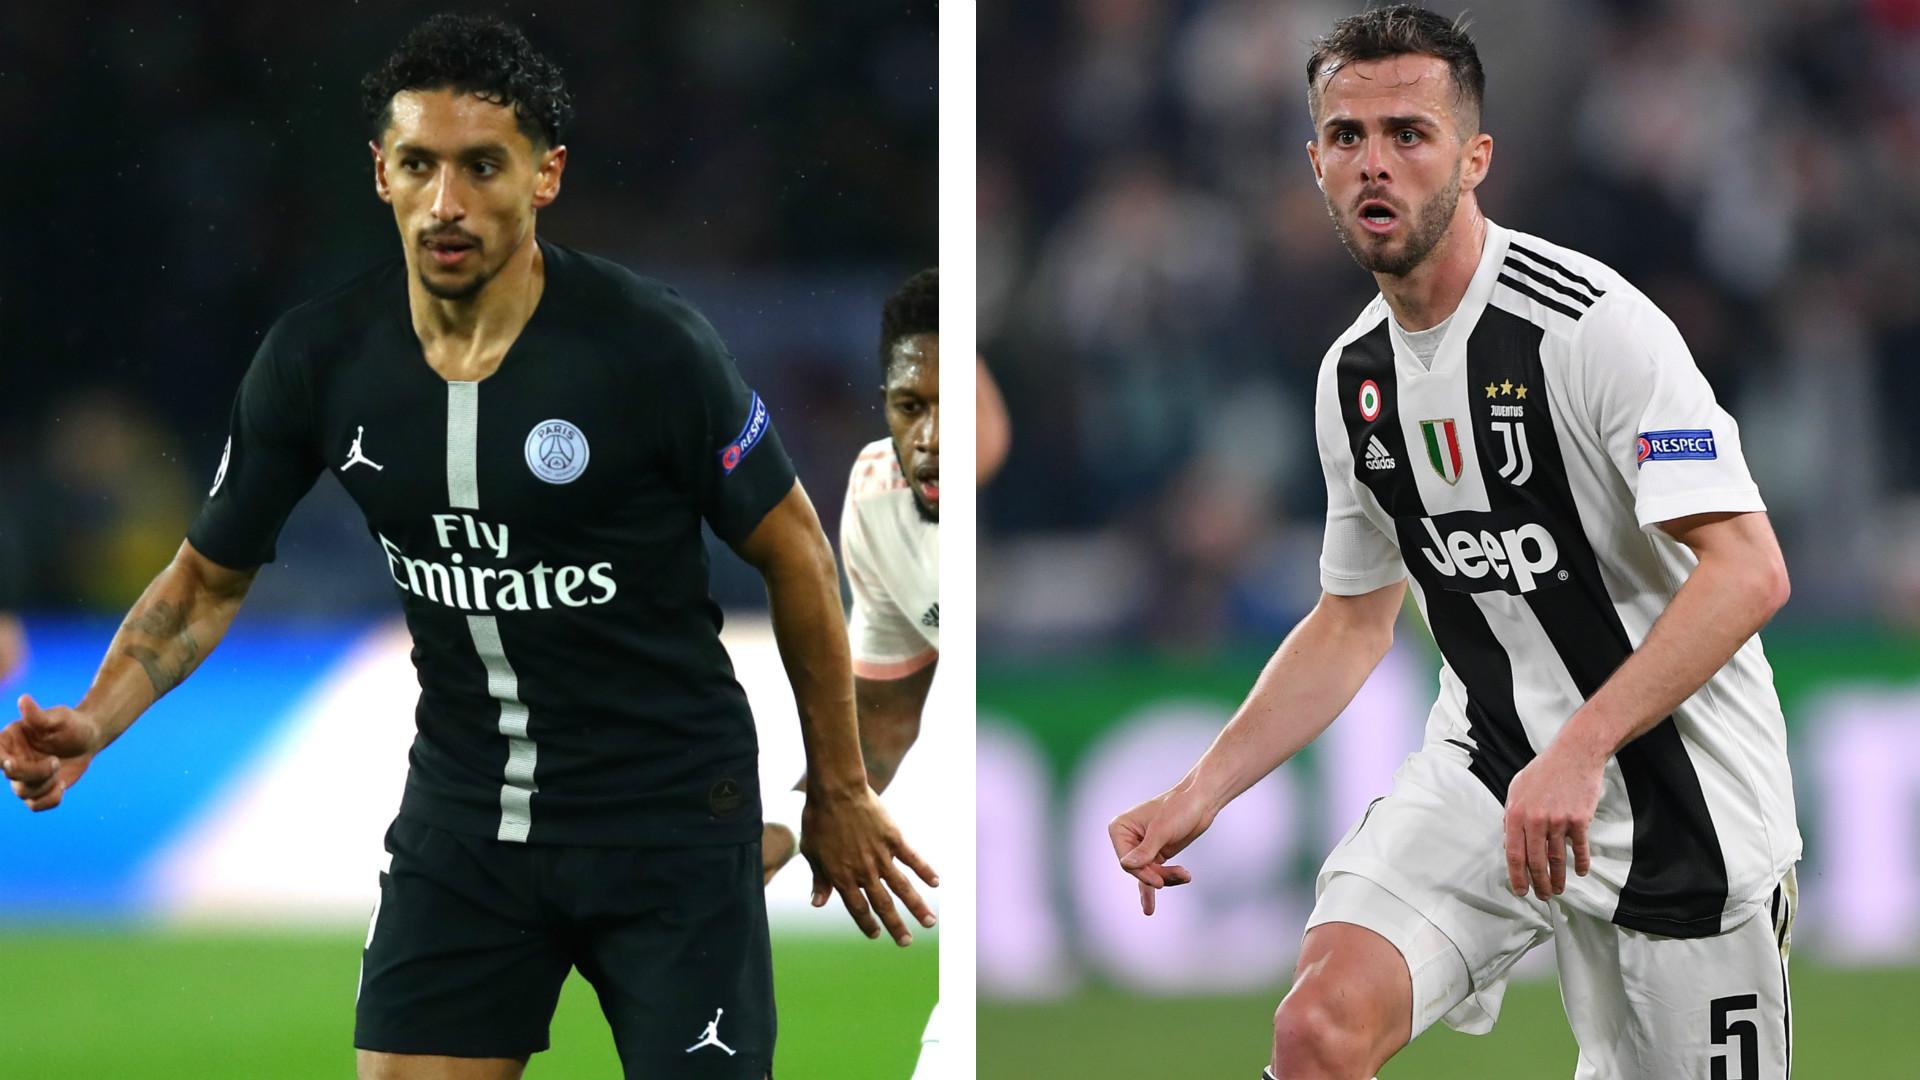 Calciomercato Juve: Pjanic e Dybala punti fermi per Sarri